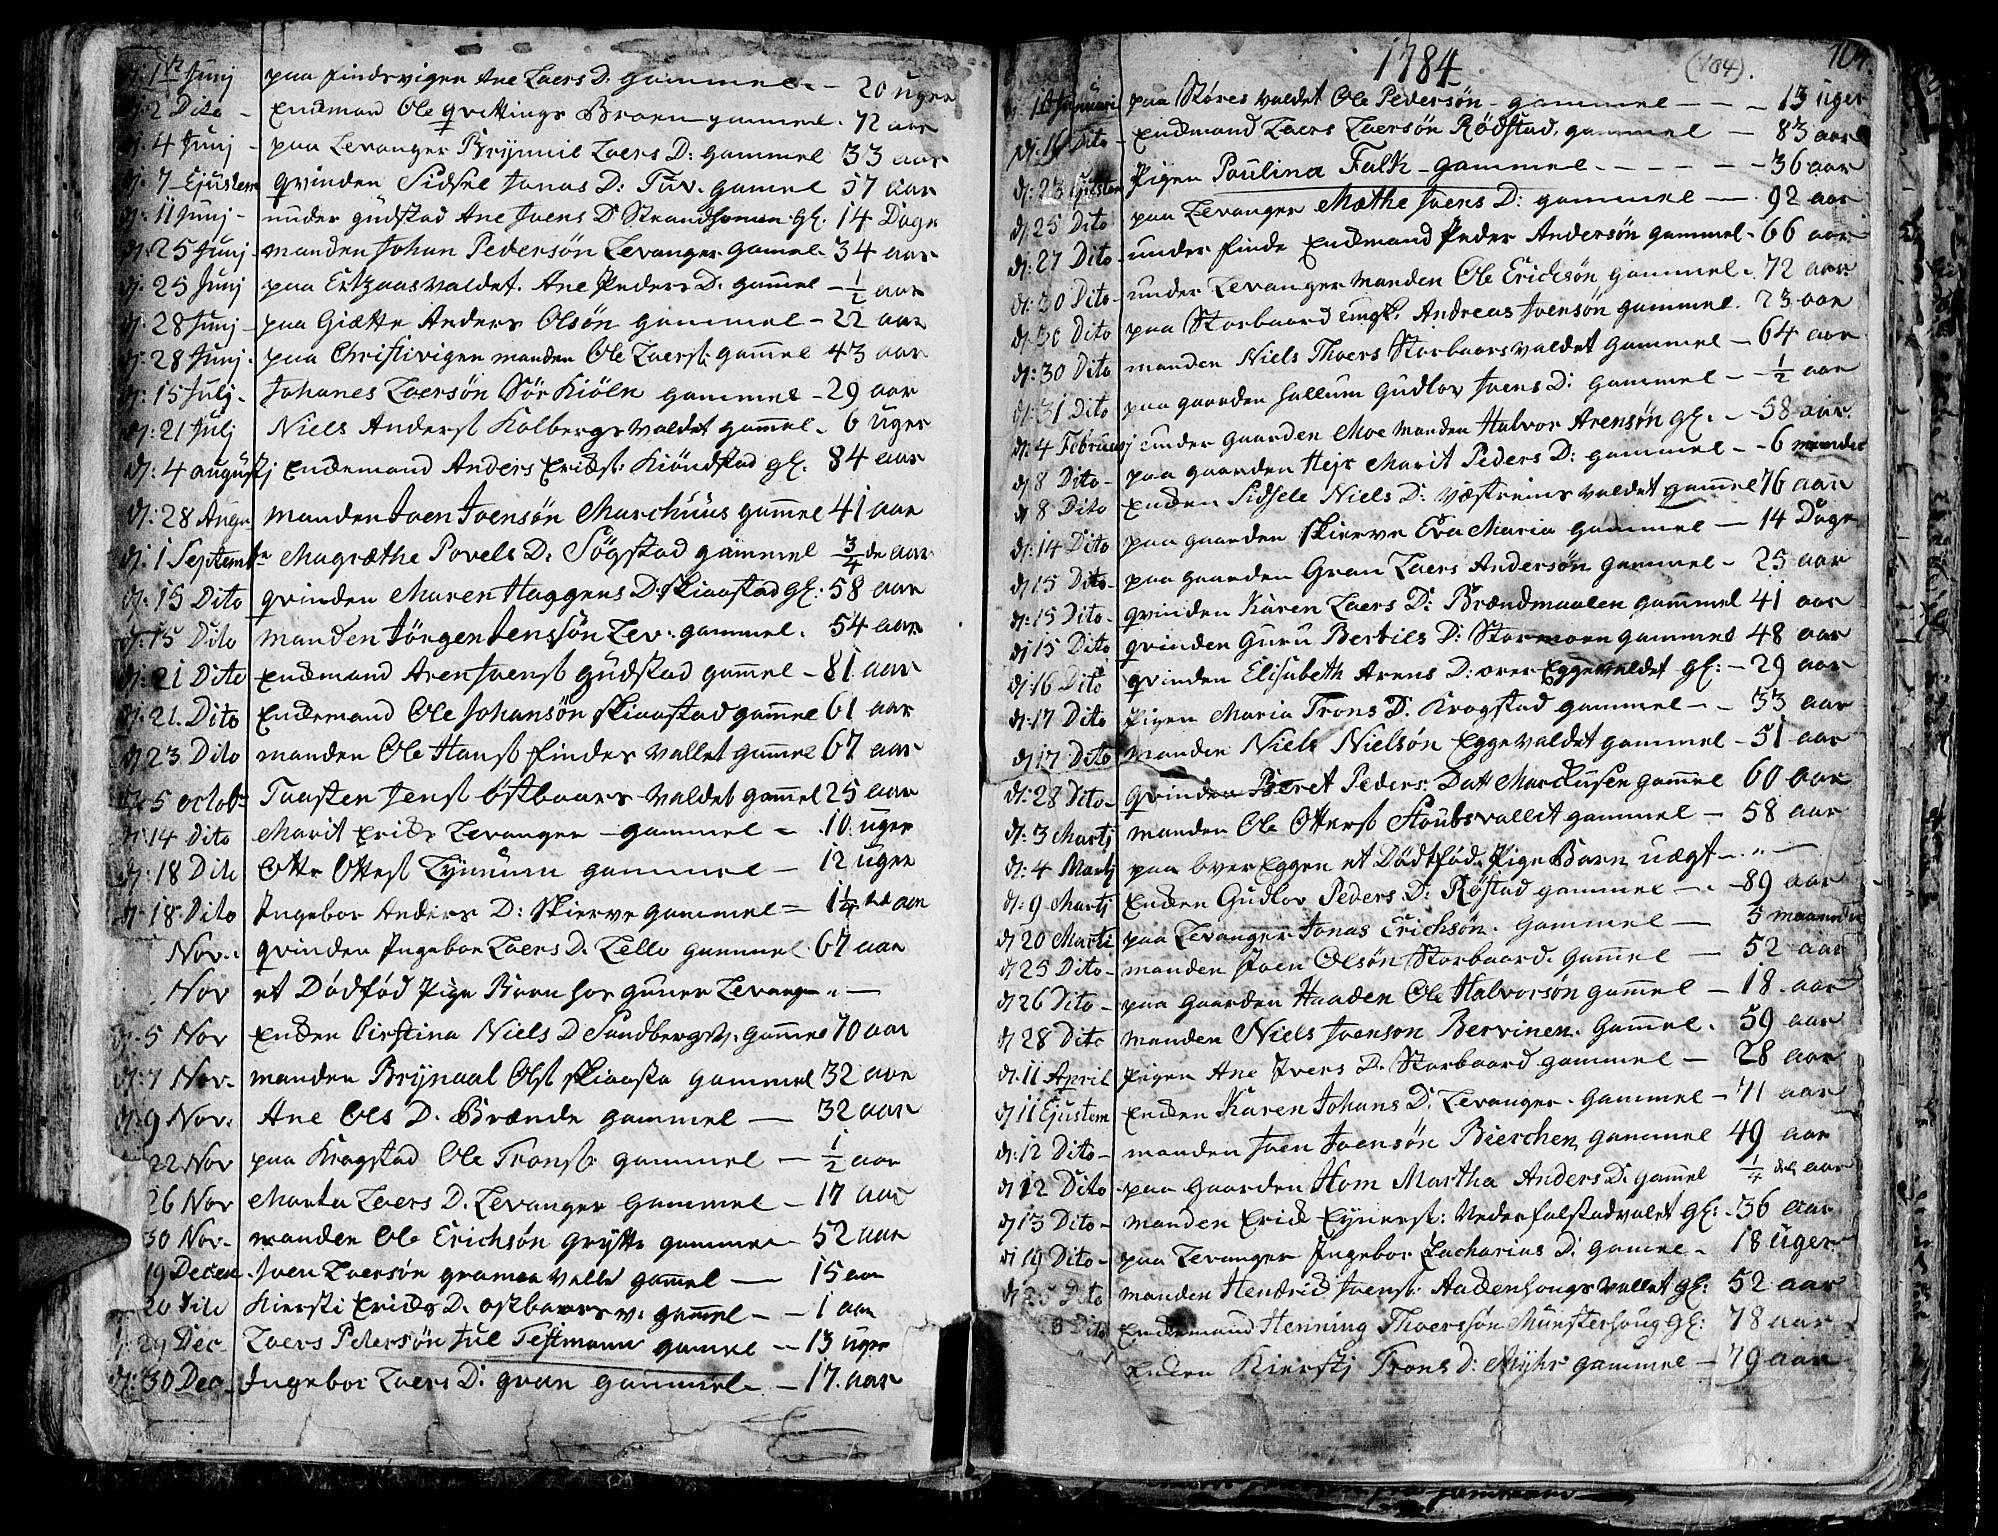 SAT, Ministerialprotokoller, klokkerbøker og fødselsregistre - Nord-Trøndelag, 717/L0142: Ministerialbok nr. 717A02 /1, 1783-1809, s. 104